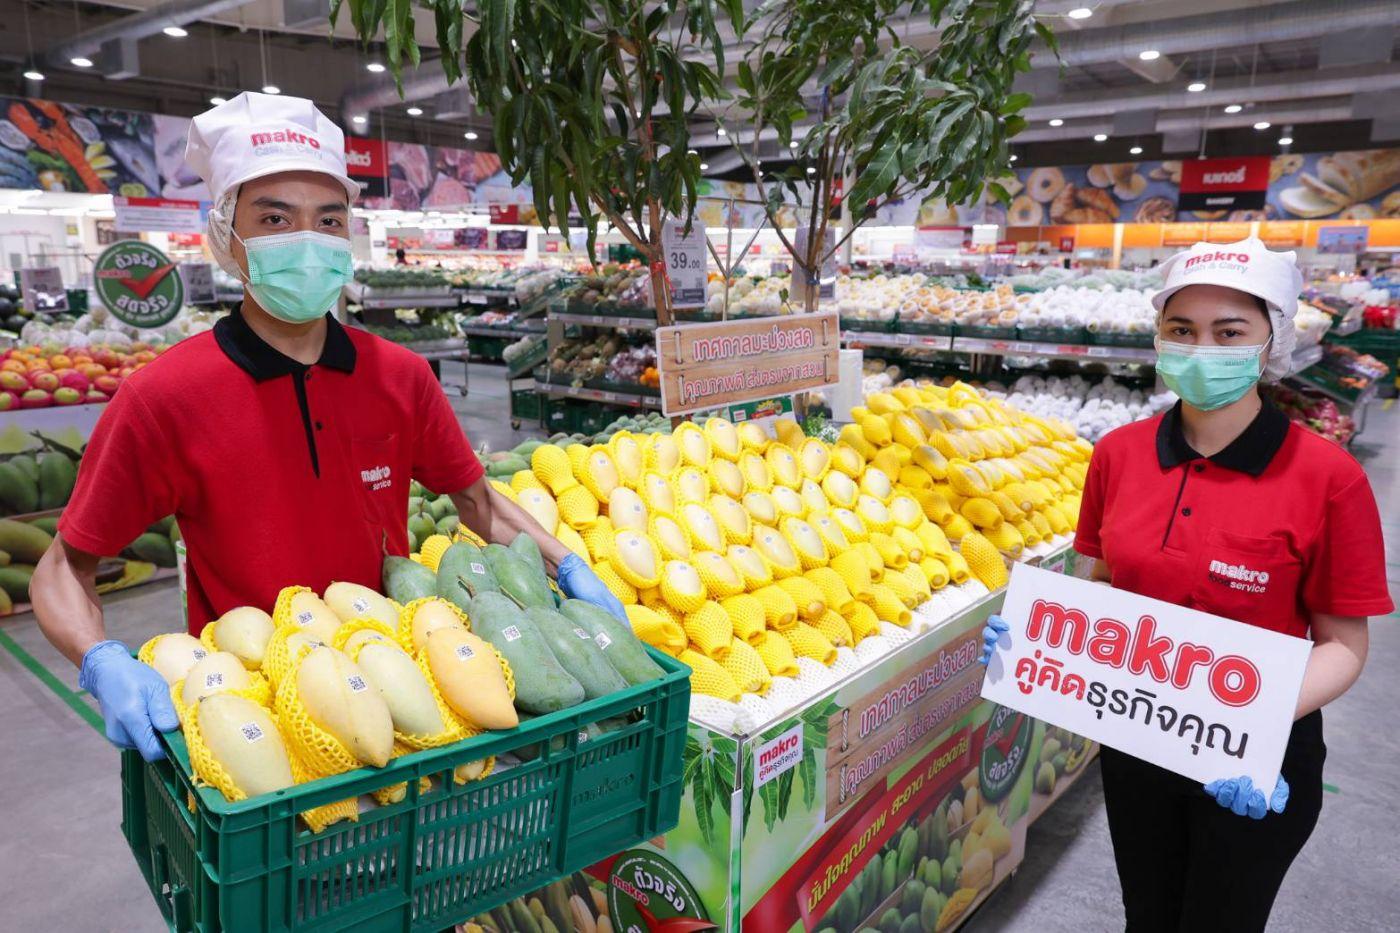 แม็คโคร เคียงข้างเกษตรกรไทย ช่วยชาวสวนระบายมะม่วงกว่า 3,000 ตัน